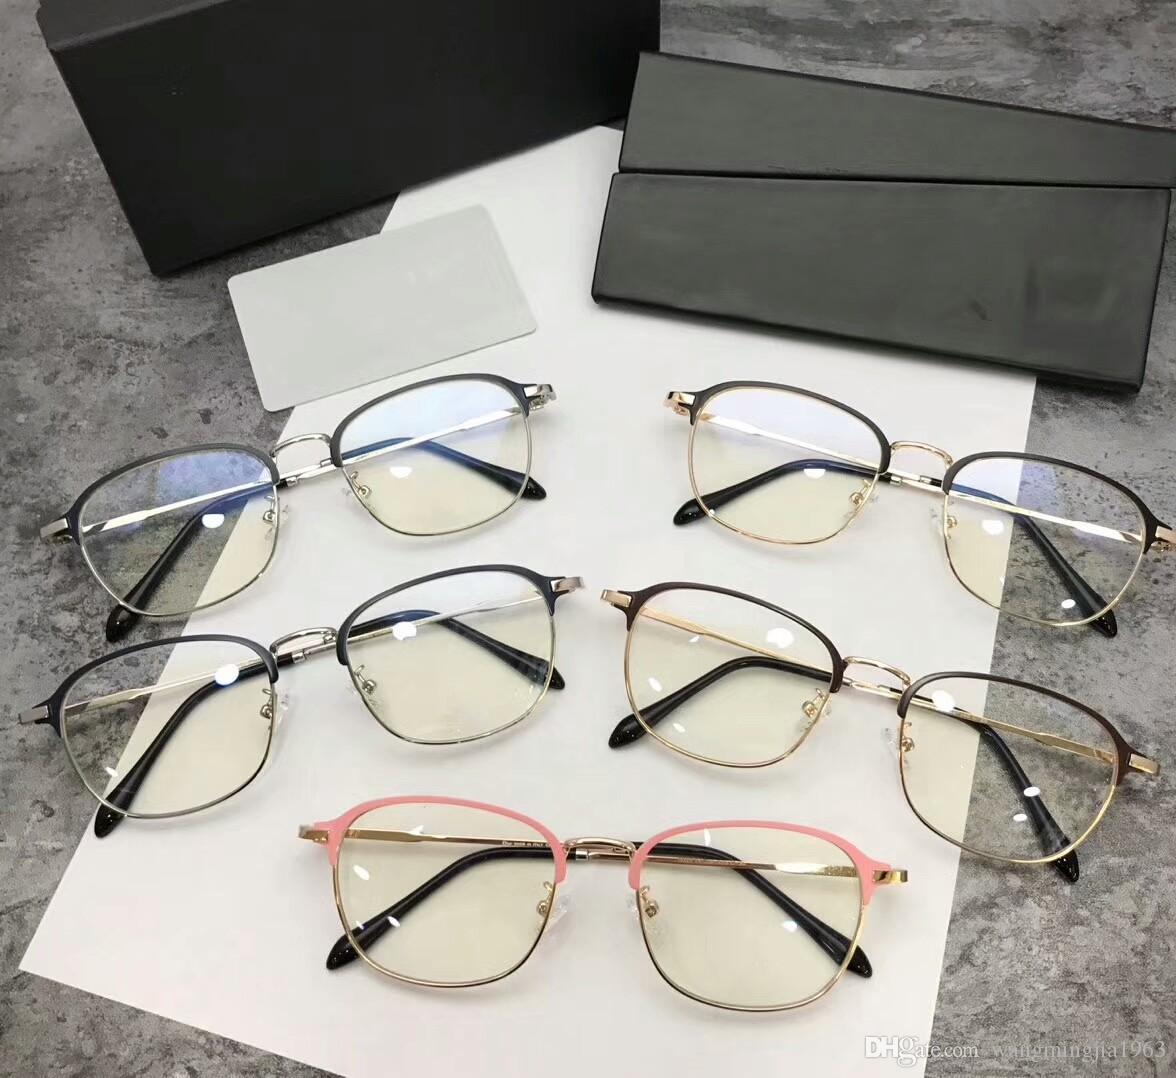 4c9197ed876b 2019 New Eyeglasses Frame Women Men Brand Designer Eyeglass Frames Designer  Brand Eyeglasses Frame Clear Lens Glasses Frame Oculos 9023 With Case From  ...